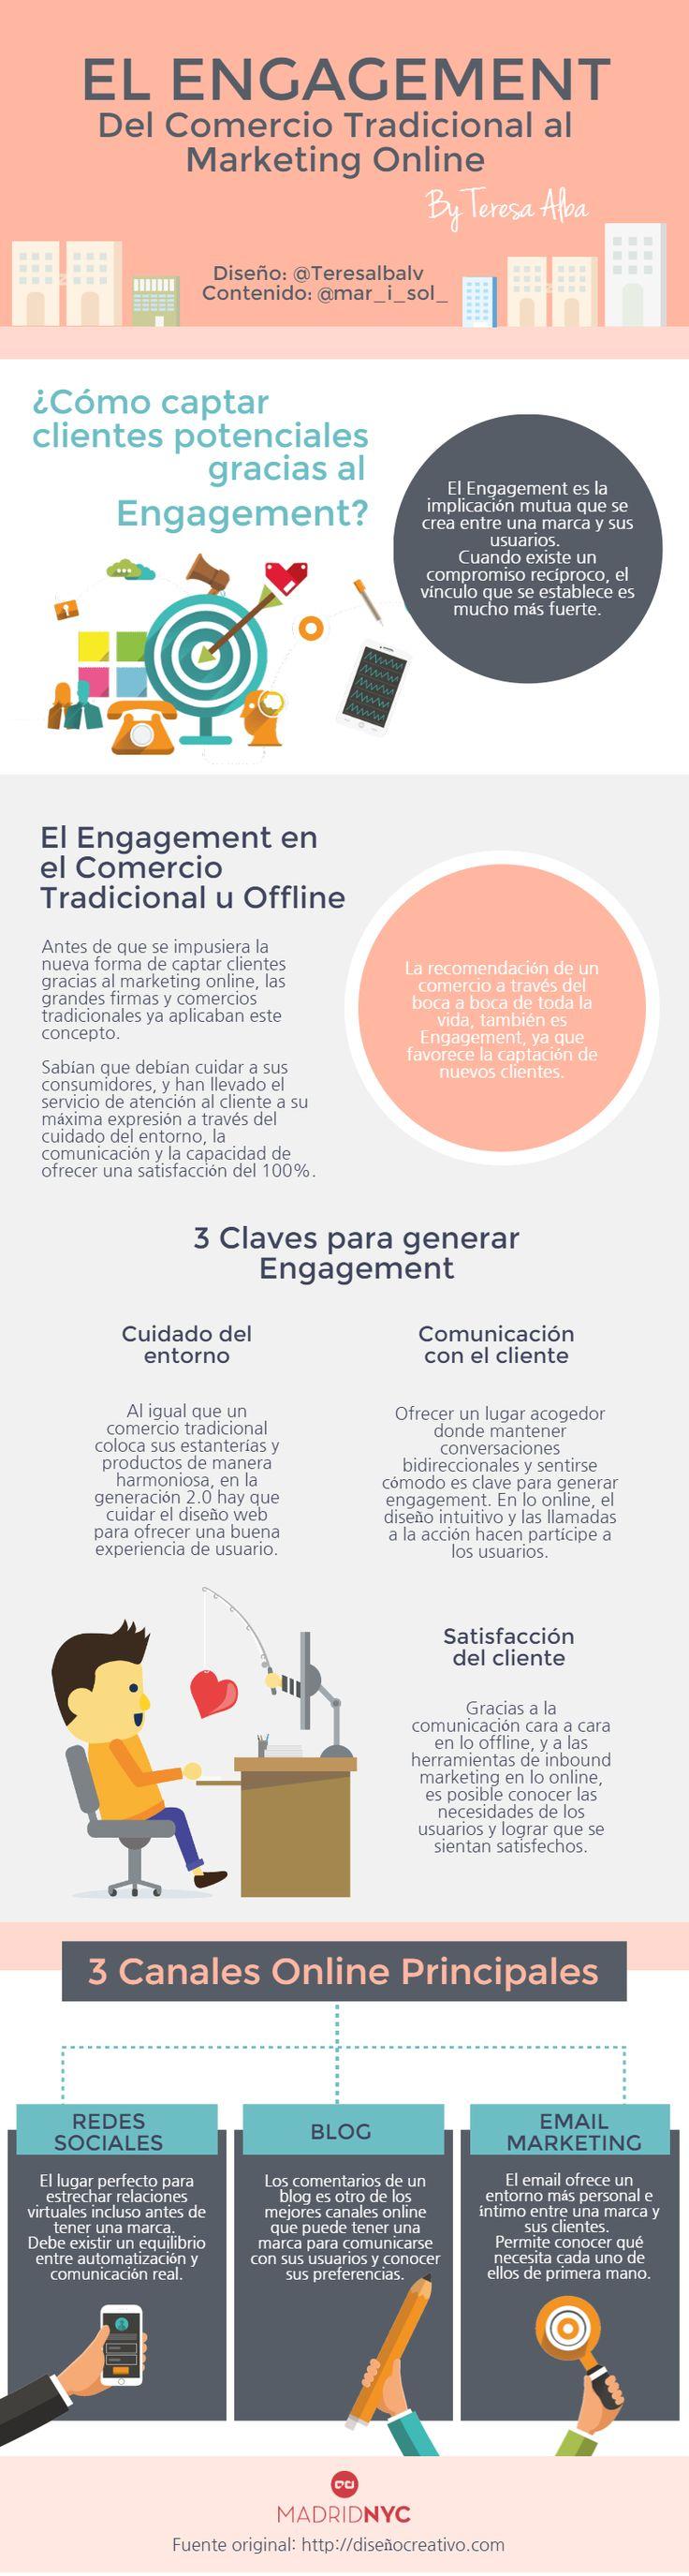 El engagement existe de toda la vida. Este es un post sobre cómo ha evolucionado el proceso para captar clientes potenciales de lo offline a lo online.